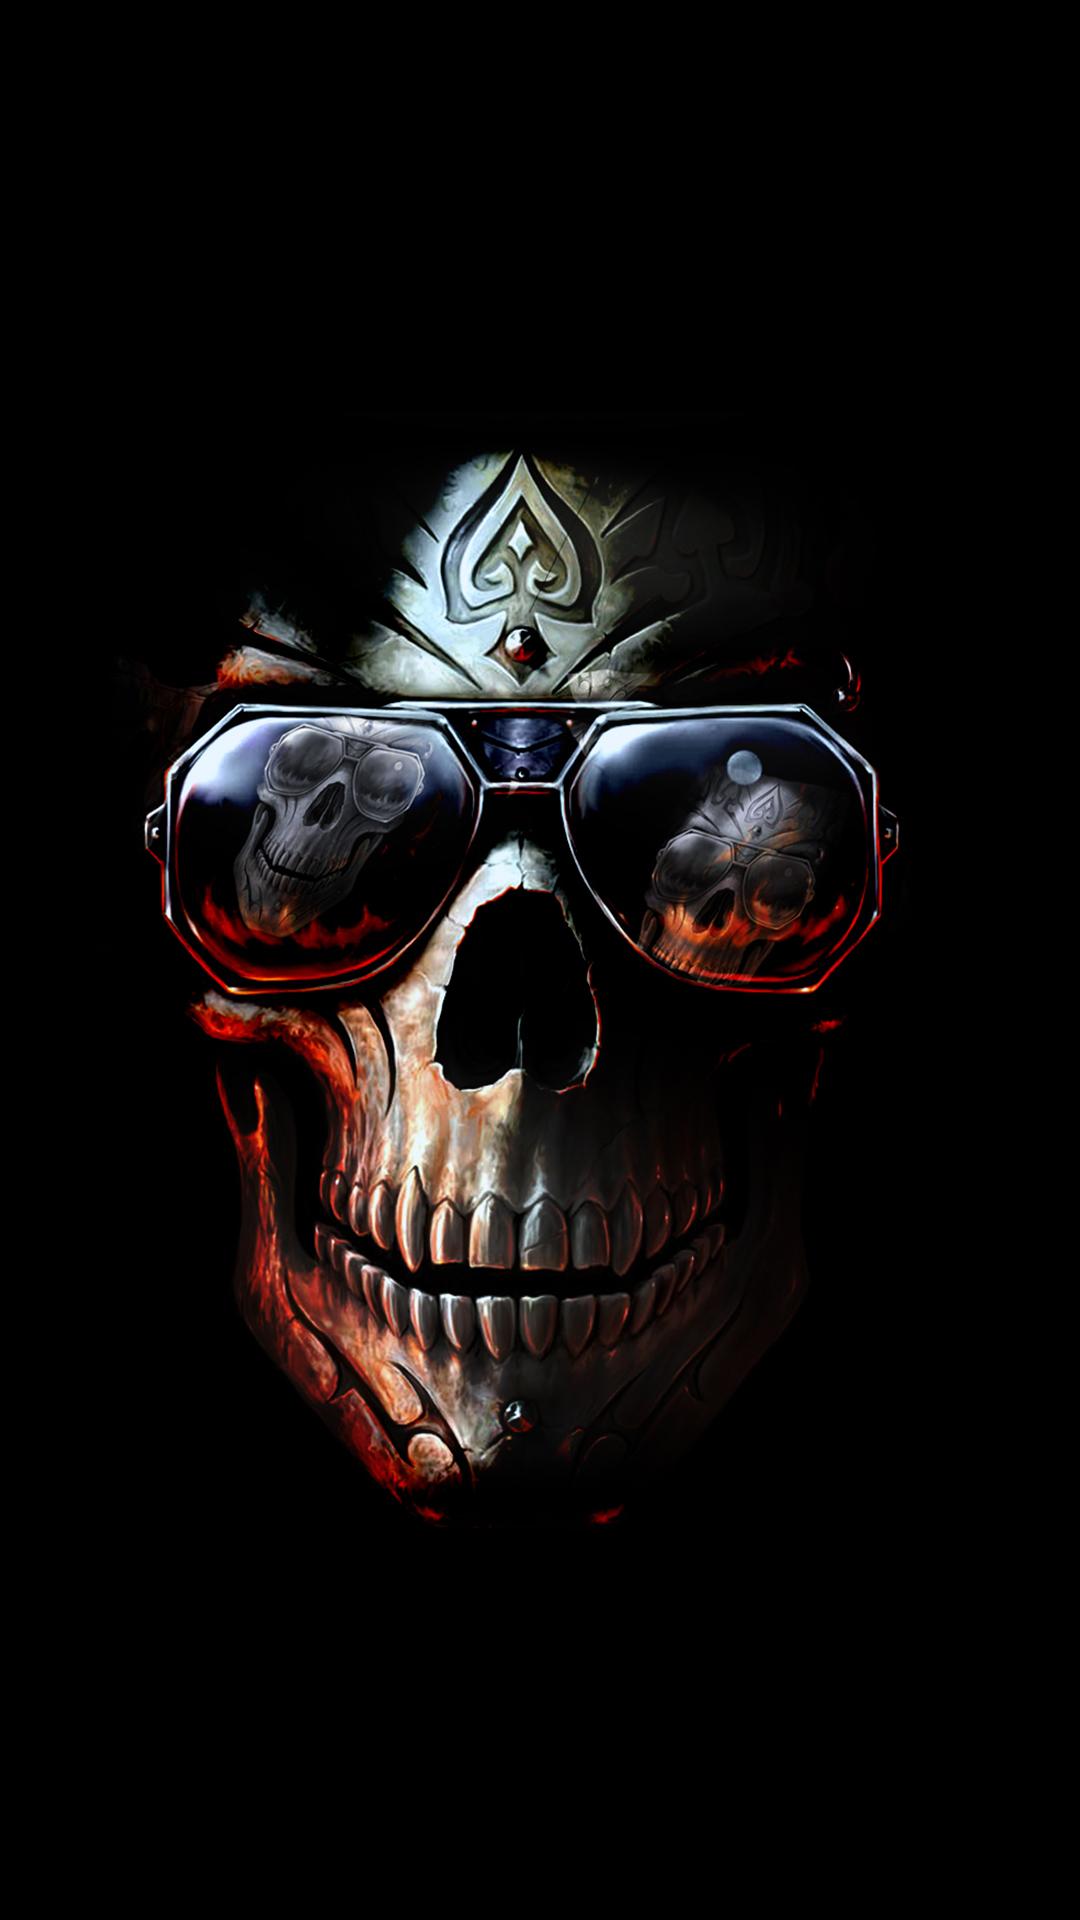 Badboy skull iphone wallpaper hd - Skeleton wallpaper ...